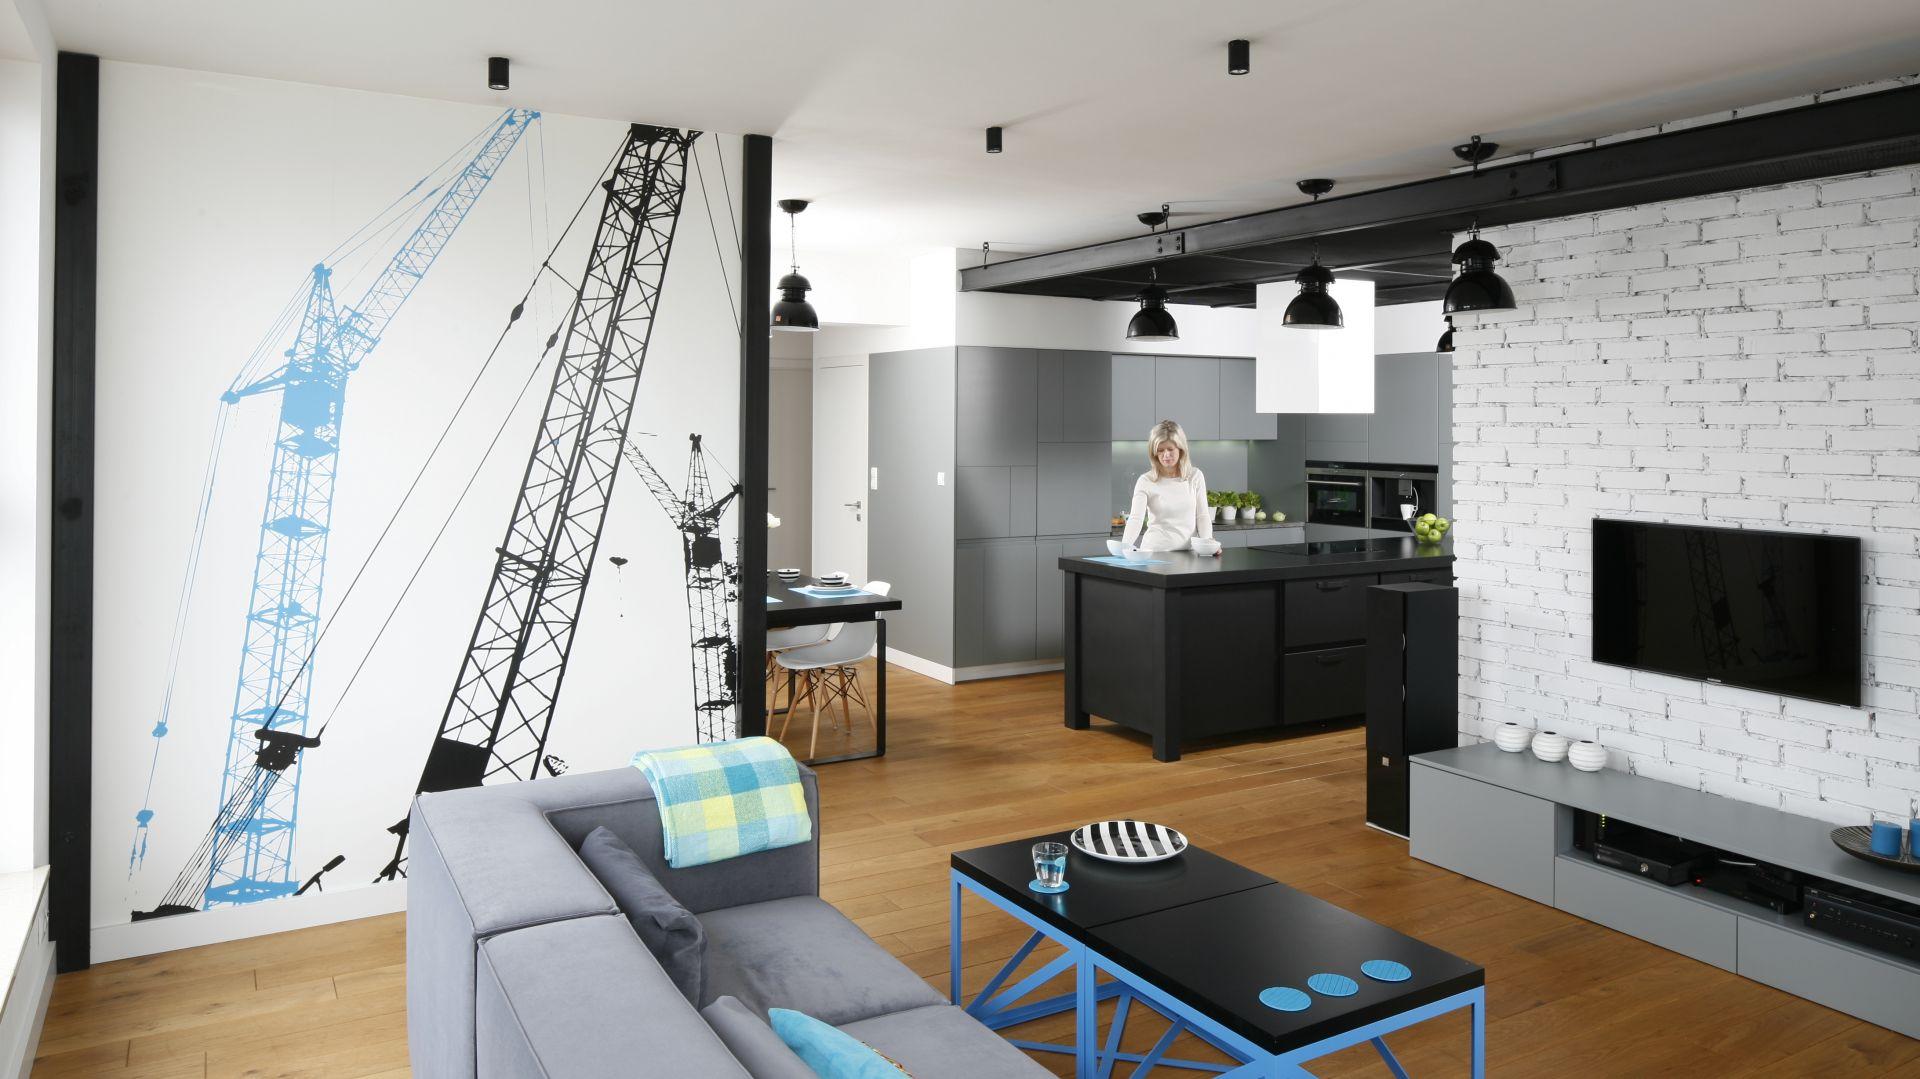 Wnętrze w stylu loft. Projekt Monika i Adam Bronikowscy. Fot. Bartosz Jarosz